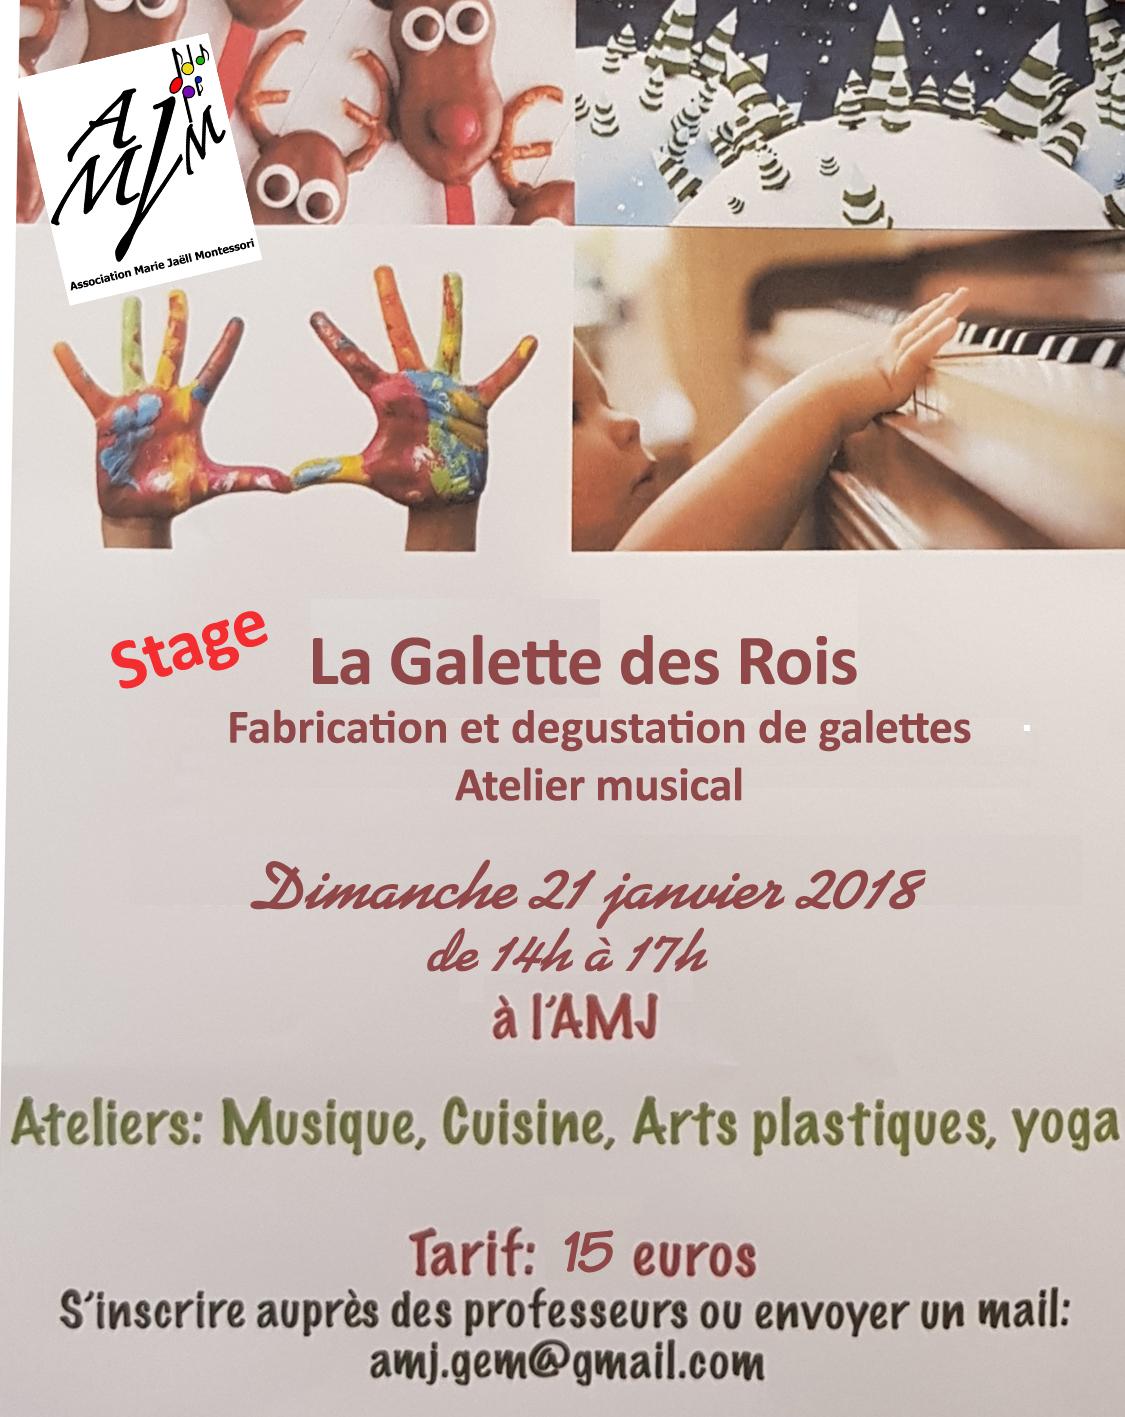 Atelier musical autour de la Galette des Rois - dimanche 21 juin